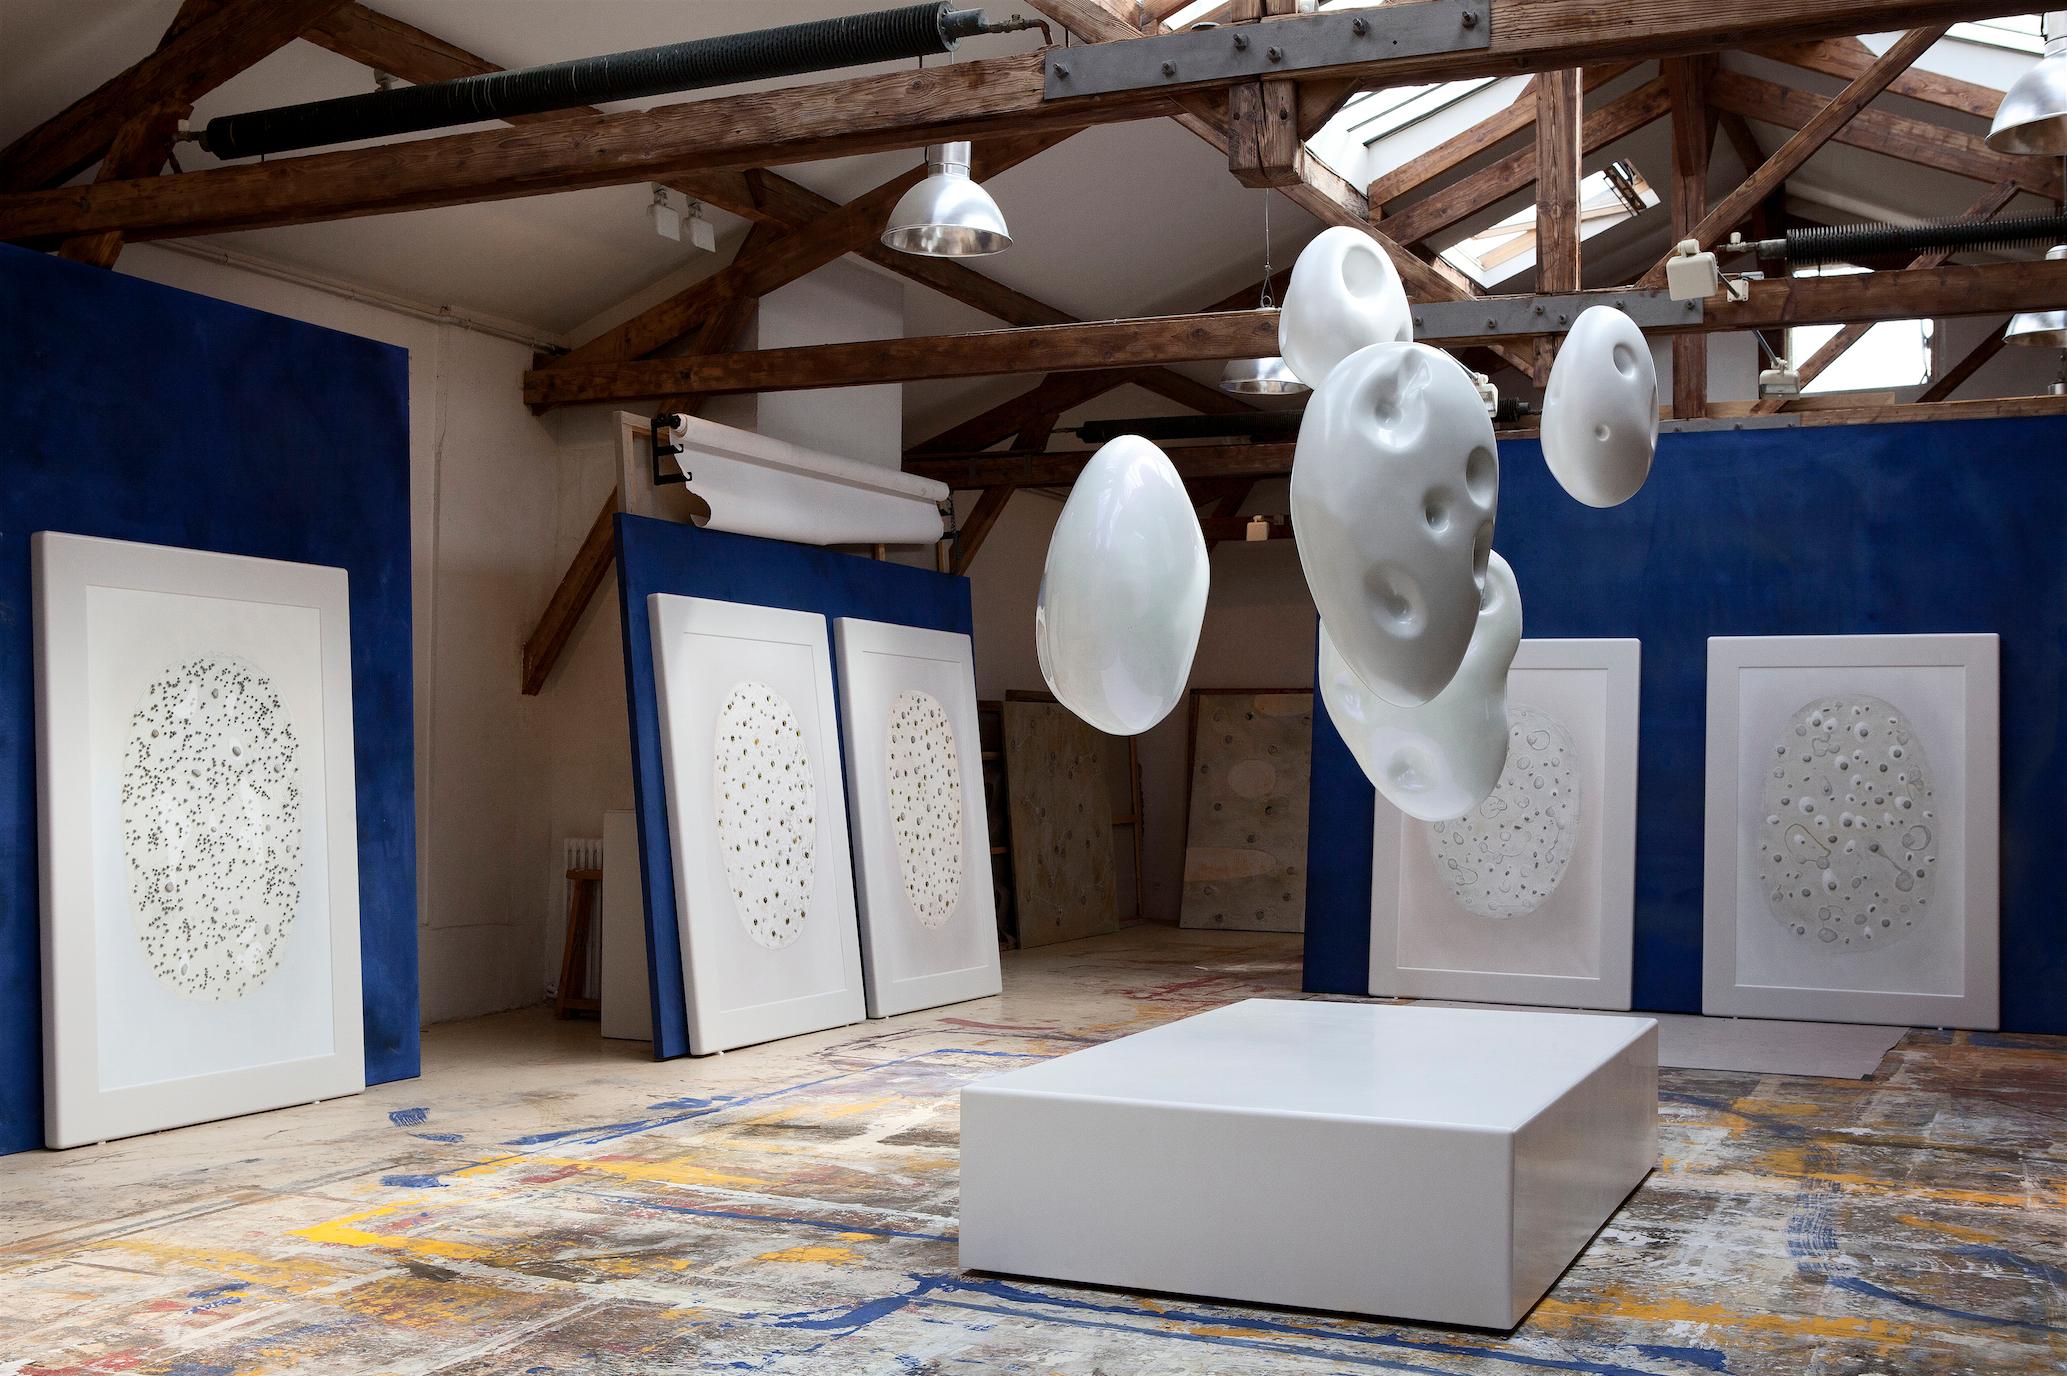 Richard Texier's studio - Atelier de Richard Texier